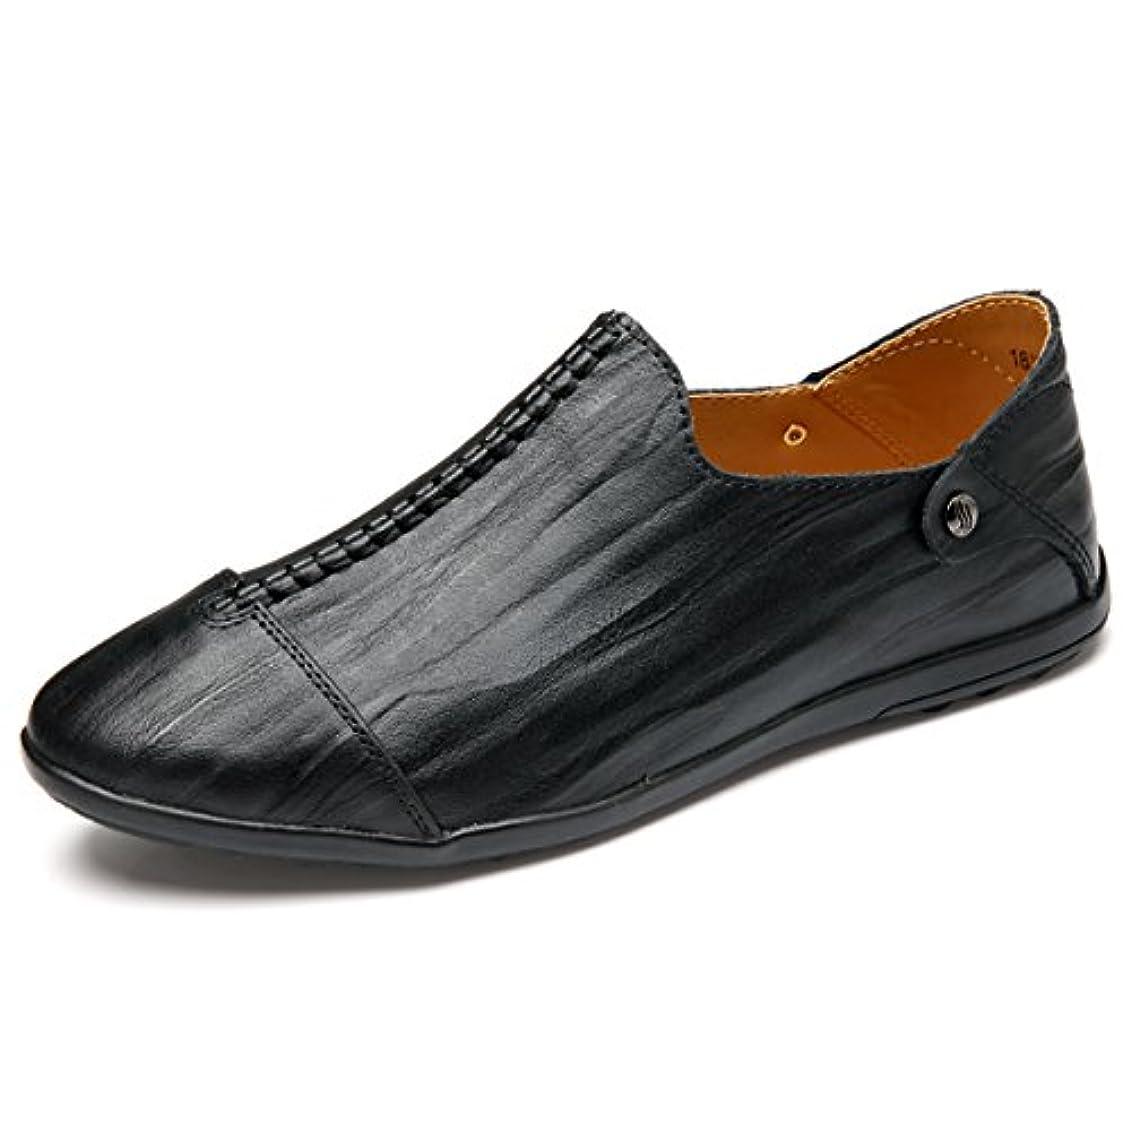 クリップ保証金複雑なLSGEGO メンズ ローファー ビジネス シューズ ボート 男性カジュアル 本物の革通気性の旅行 オフィスの靴